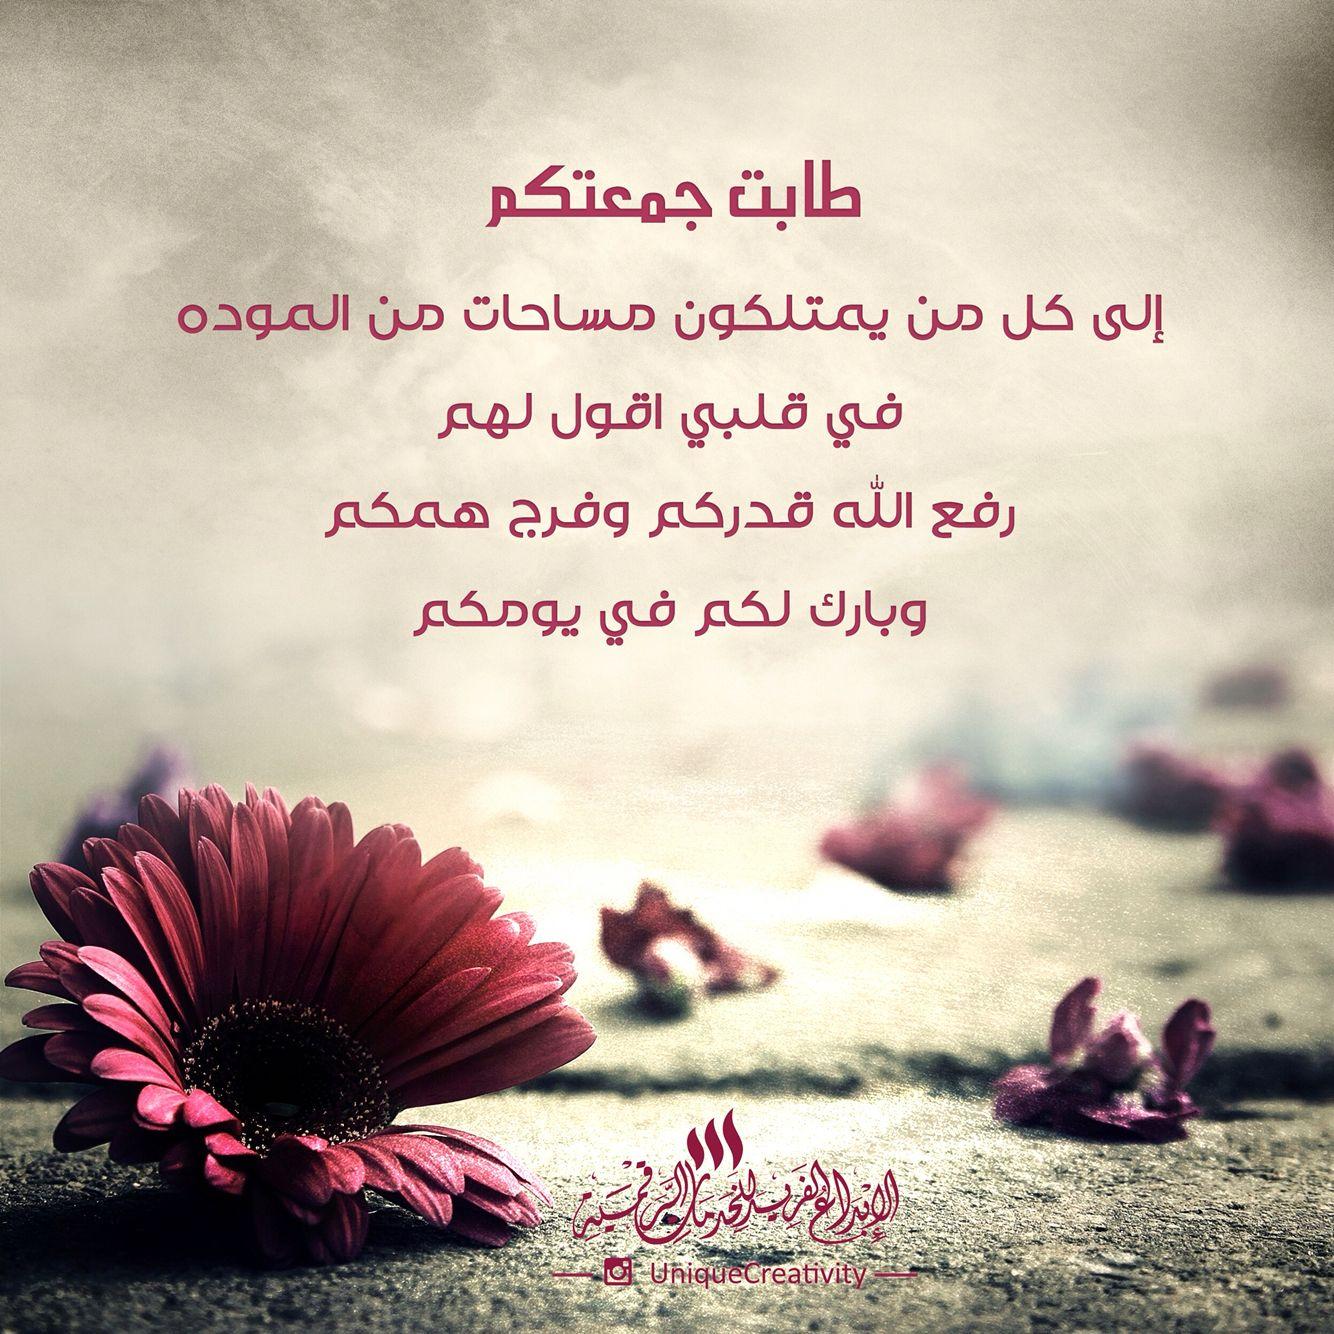 طابت جمعتكم يمكنكم إعادة نشر هذا التصميم في مختلف وسائل التواصل الإجتماعي مع ذكر الحقوق صباح الخ Beautiful Quran Quotes Blessed Friday Quran Quotes